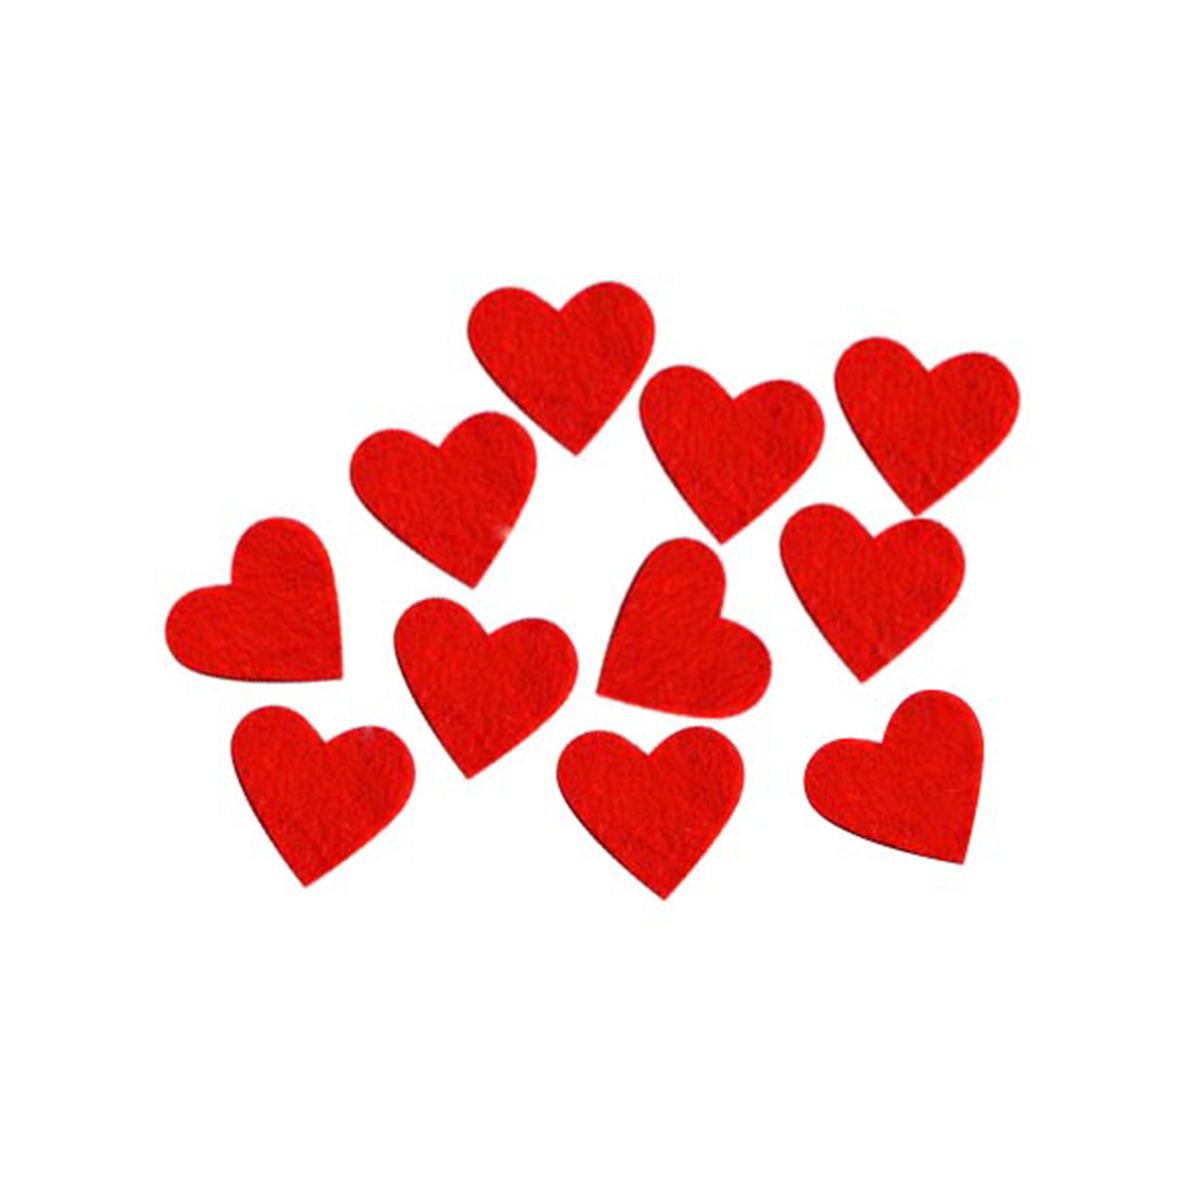 Фетр для творчества Glorex Сердца, цвет: красный, 5 х 5 см, 12 шт318825Фетр для творчества Glorex Сердца изготовлен из 100% полиэстера. Фетр является отличным материалом для декора и флористики. Используется для изготовления открыток ручной работы и скрап-страничек, для созданиябижутерии и многого другого.